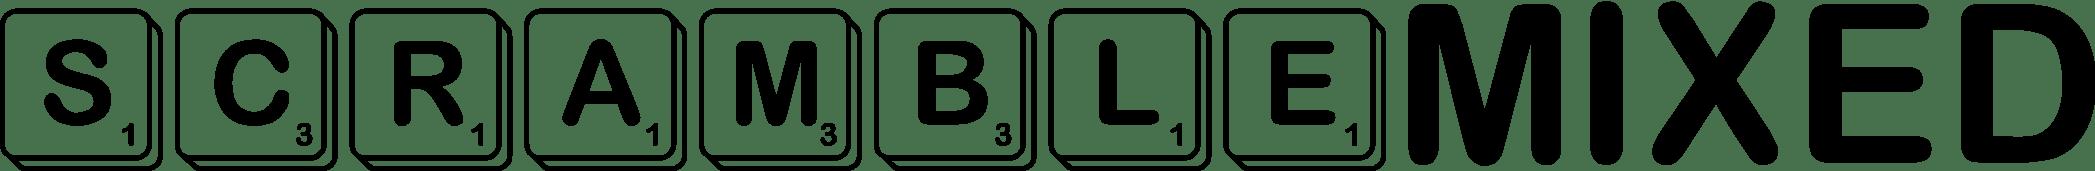 scrabble fonts fontspace